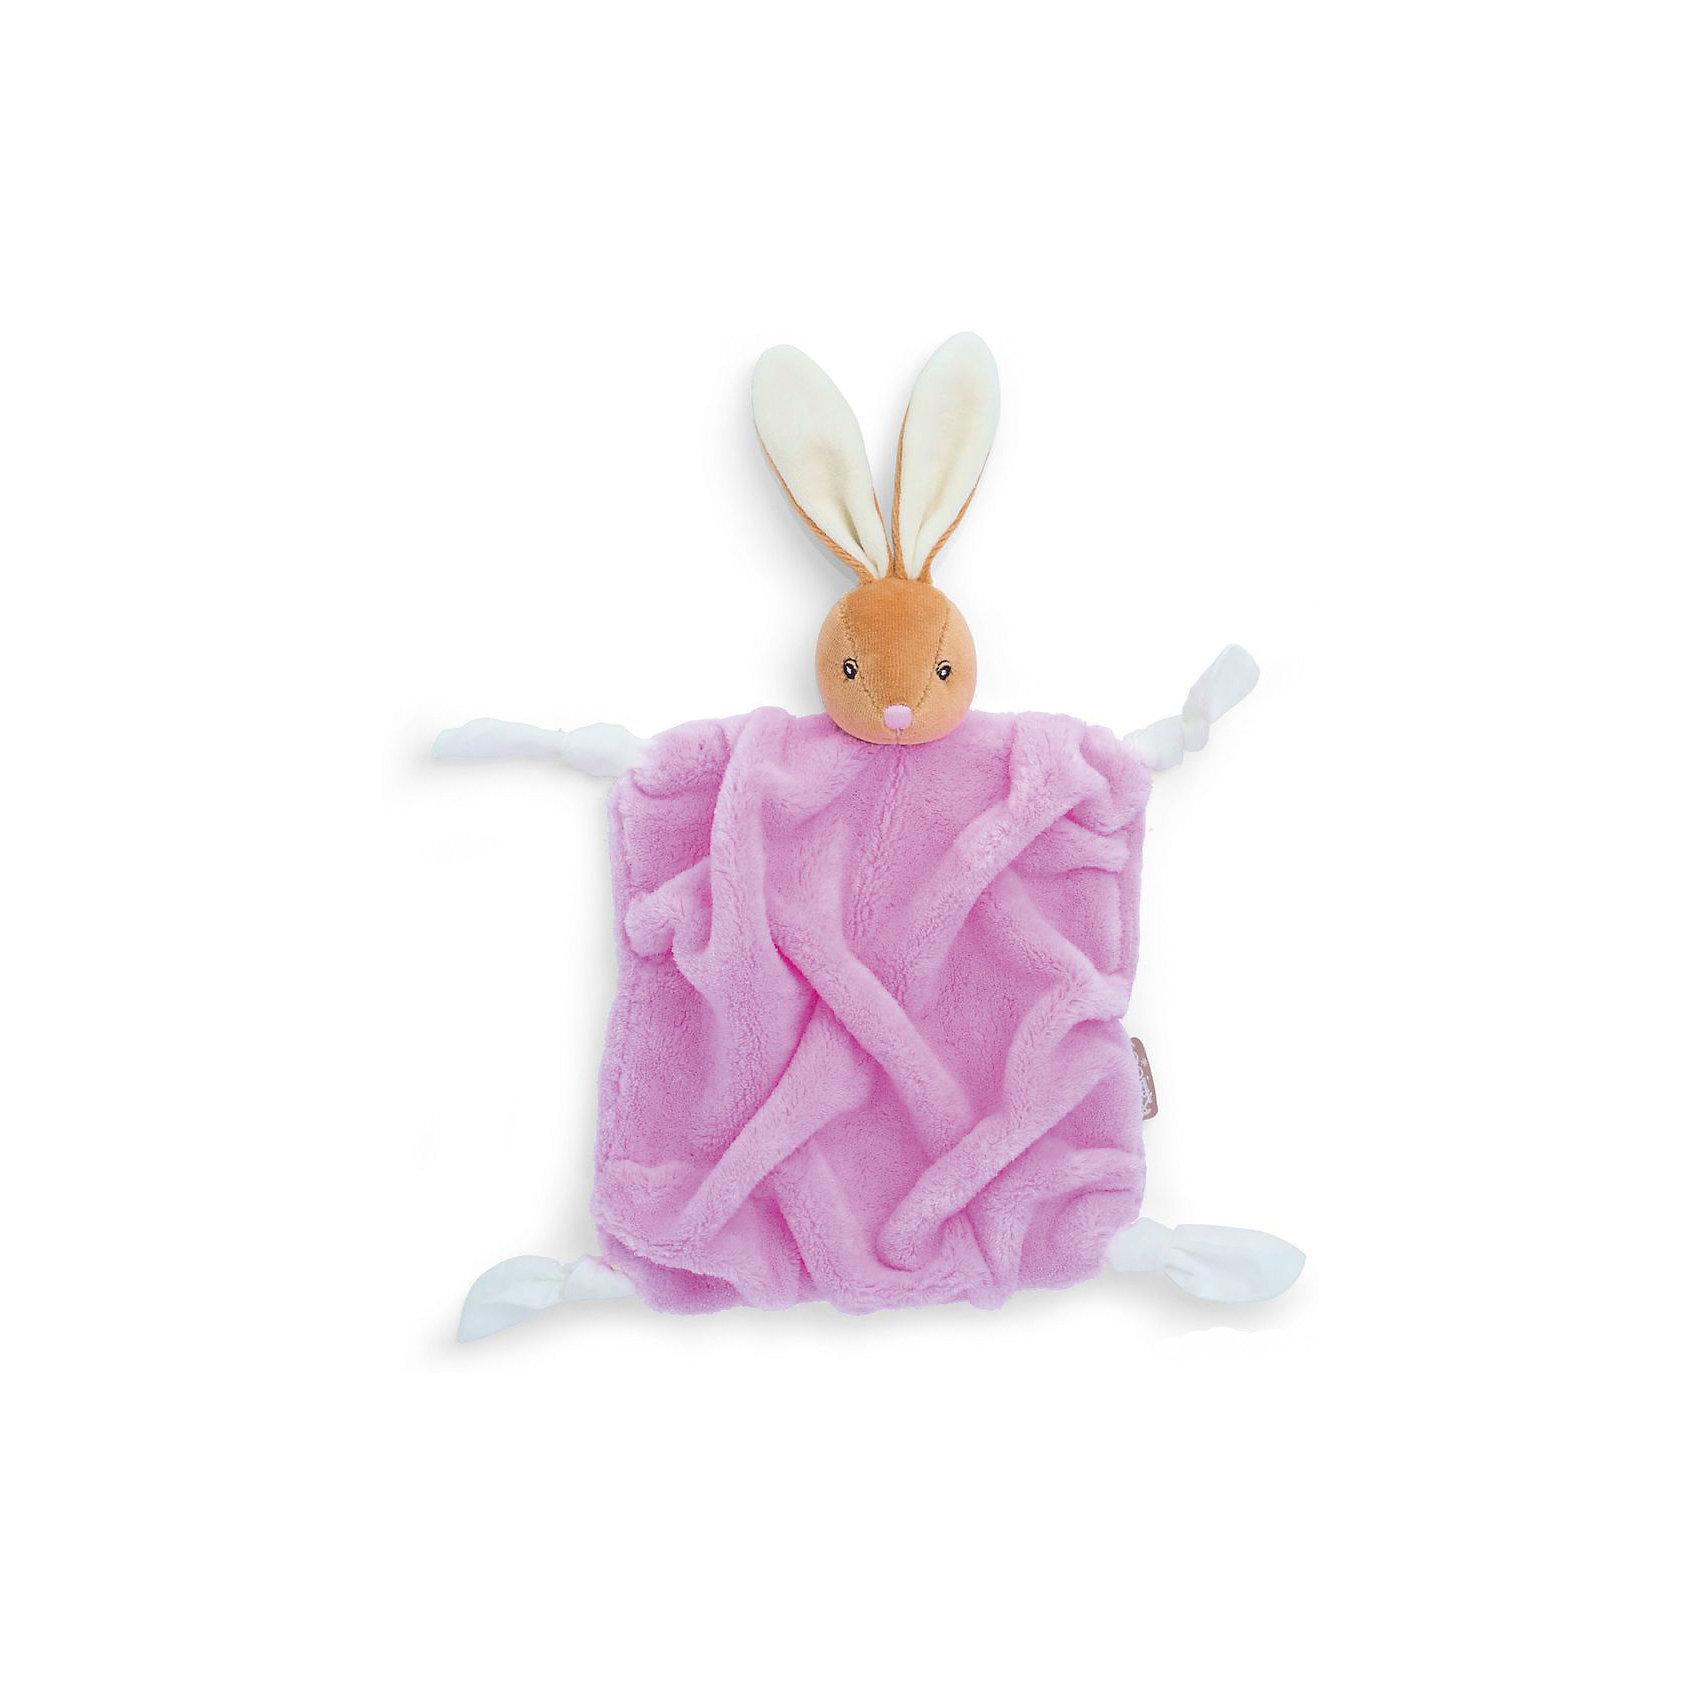 Заяц комфортер розовый, коллекция Плюм, KalooЗаяц комфортер из коллекции Плюм, выполнен в ярко розовом цвете, он приведет в восторг малыша и станет его любимой игрушкой для сна. <br>Зайчонок сделан из мягкой гипоаллергенной ткани, которая безопасна для ребенка, а так же приятна на ощупь. <br><br>Дополнительная информация:<br><br>-Материал: ткань, искусственный мех<br>-Размер игрушки: 20х20 см<br>-Вес: 0.245 кг<br>-Размер упаковки: диаметр 18.5 см<br><br>Розового зайца комфортер, коллекции Плюм, Kaloo можно купить в нашем интернет-магазине.<br><br>Ширина мм: 235<br>Глубина мм: 35<br>Высота мм: 235<br>Вес г: 400<br>Возраст от месяцев: 0<br>Возраст до месяцев: 1188<br>Пол: Унисекс<br>Возраст: Детский<br>SKU: 4862339